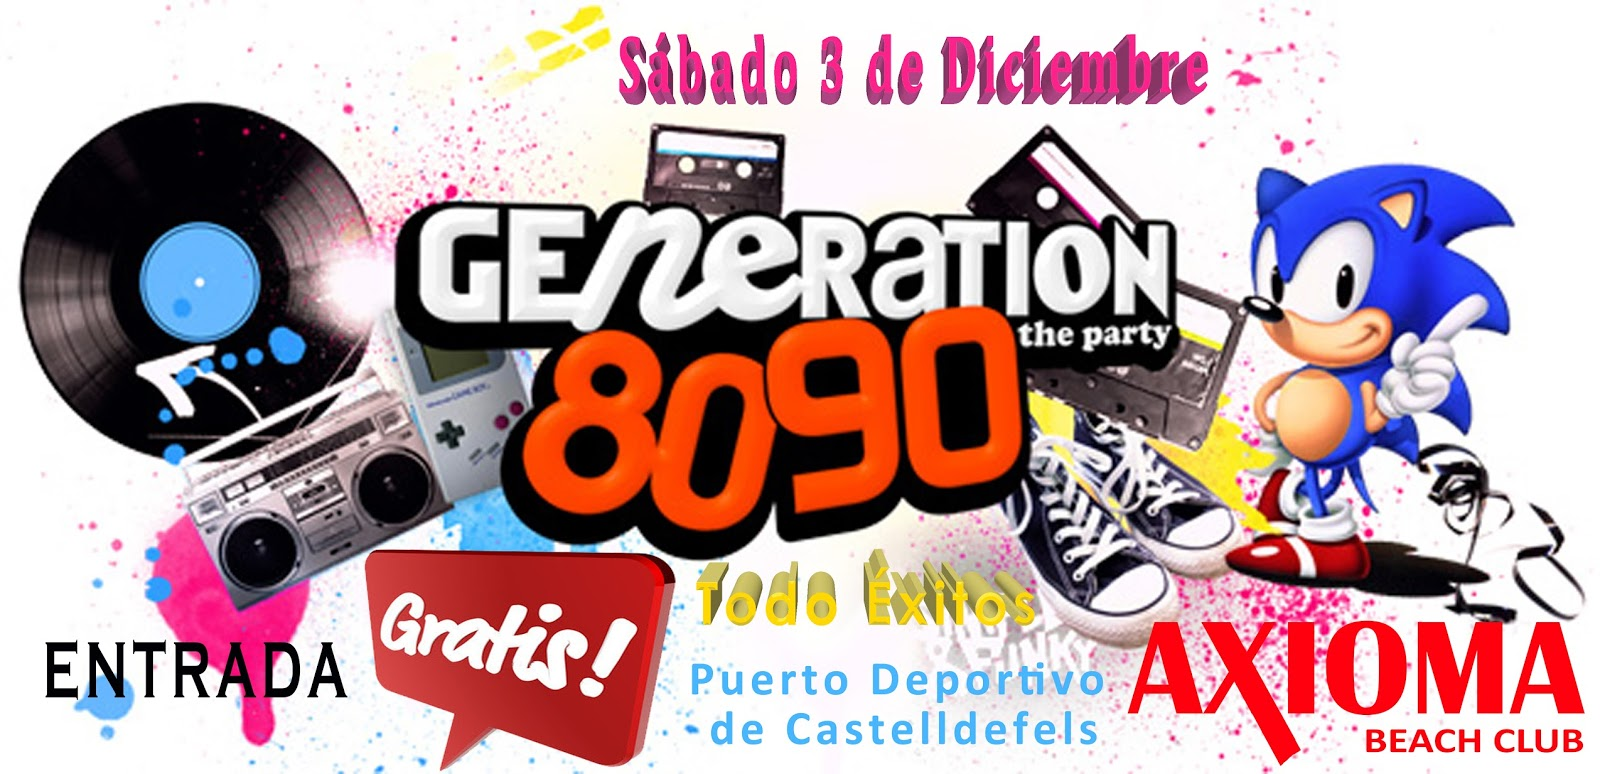 Flyer Fiesta Generación 80 90 y Todo Éxitos